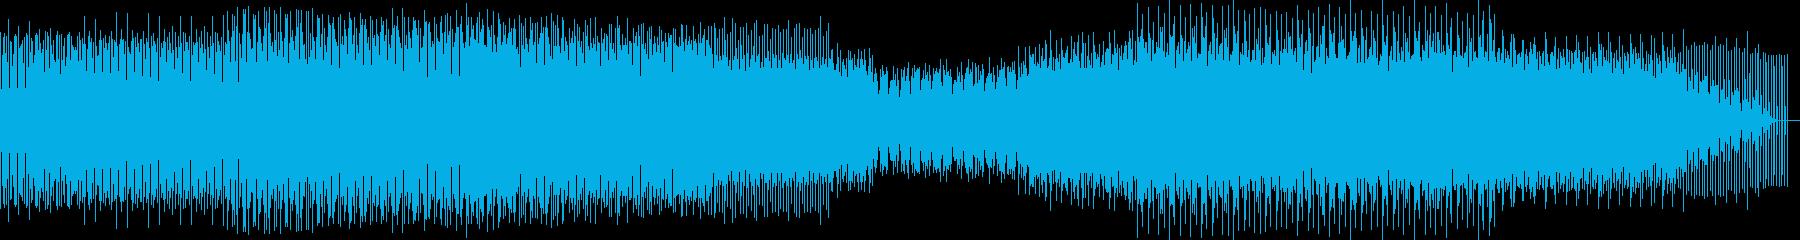 軽快でドライブ感あるクールなミニマルテクの再生済みの波形